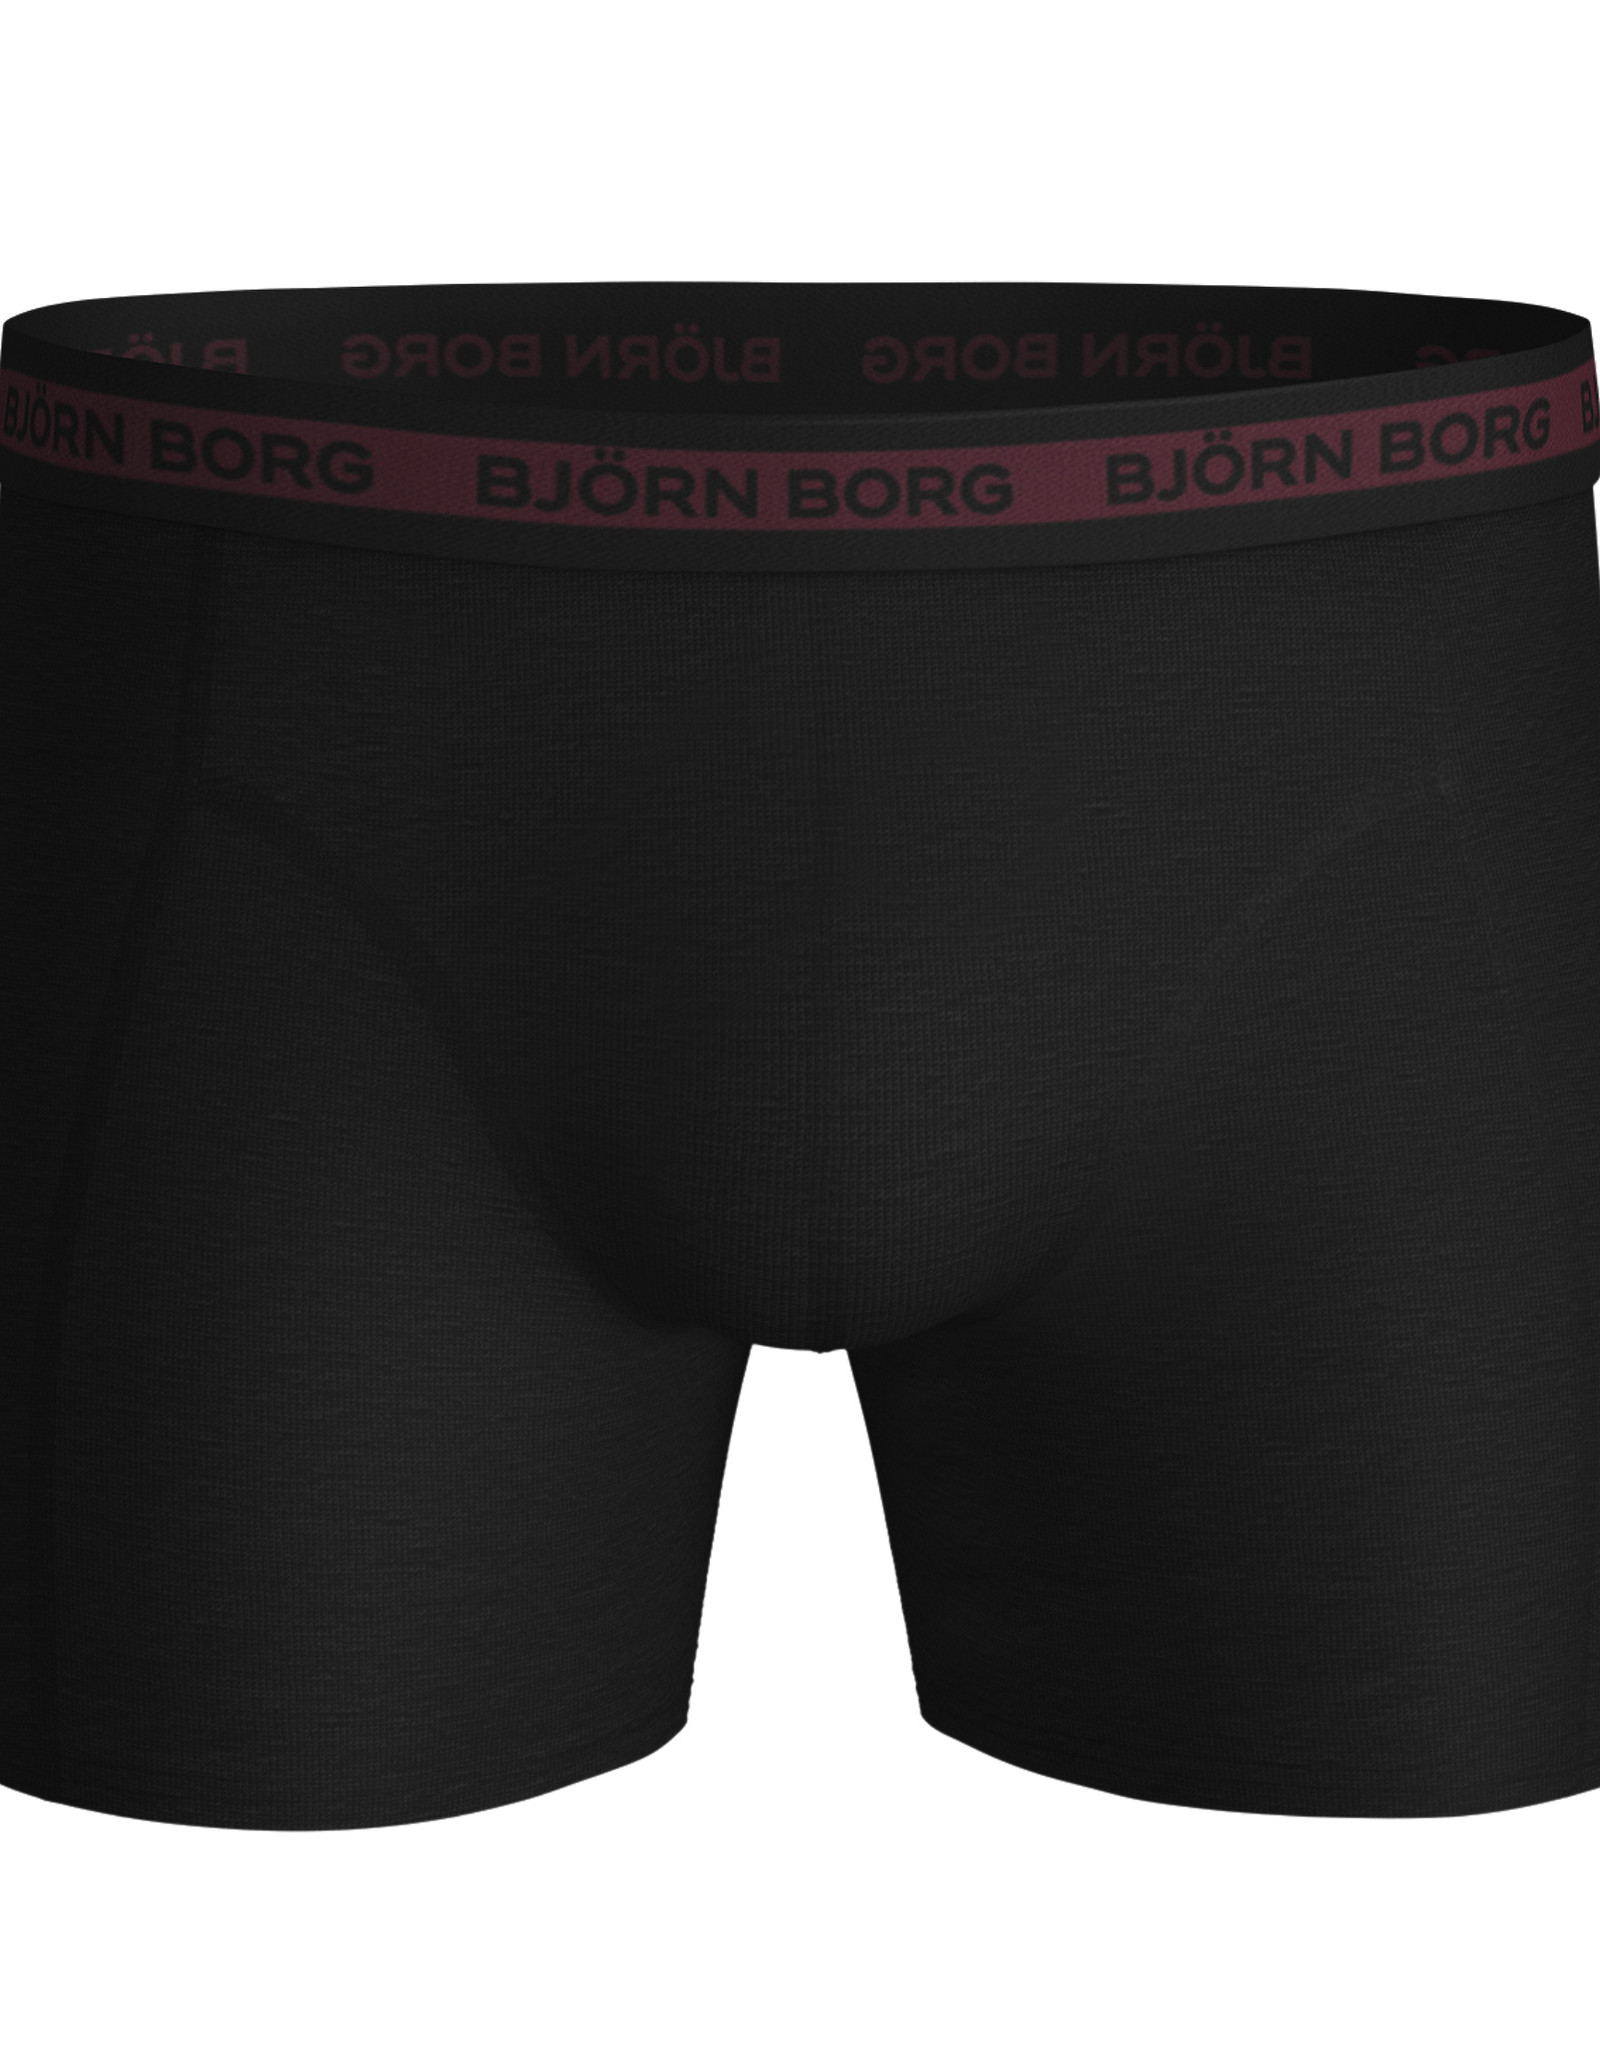 Bjorn Borg Boxershort 1 Pack Sammy